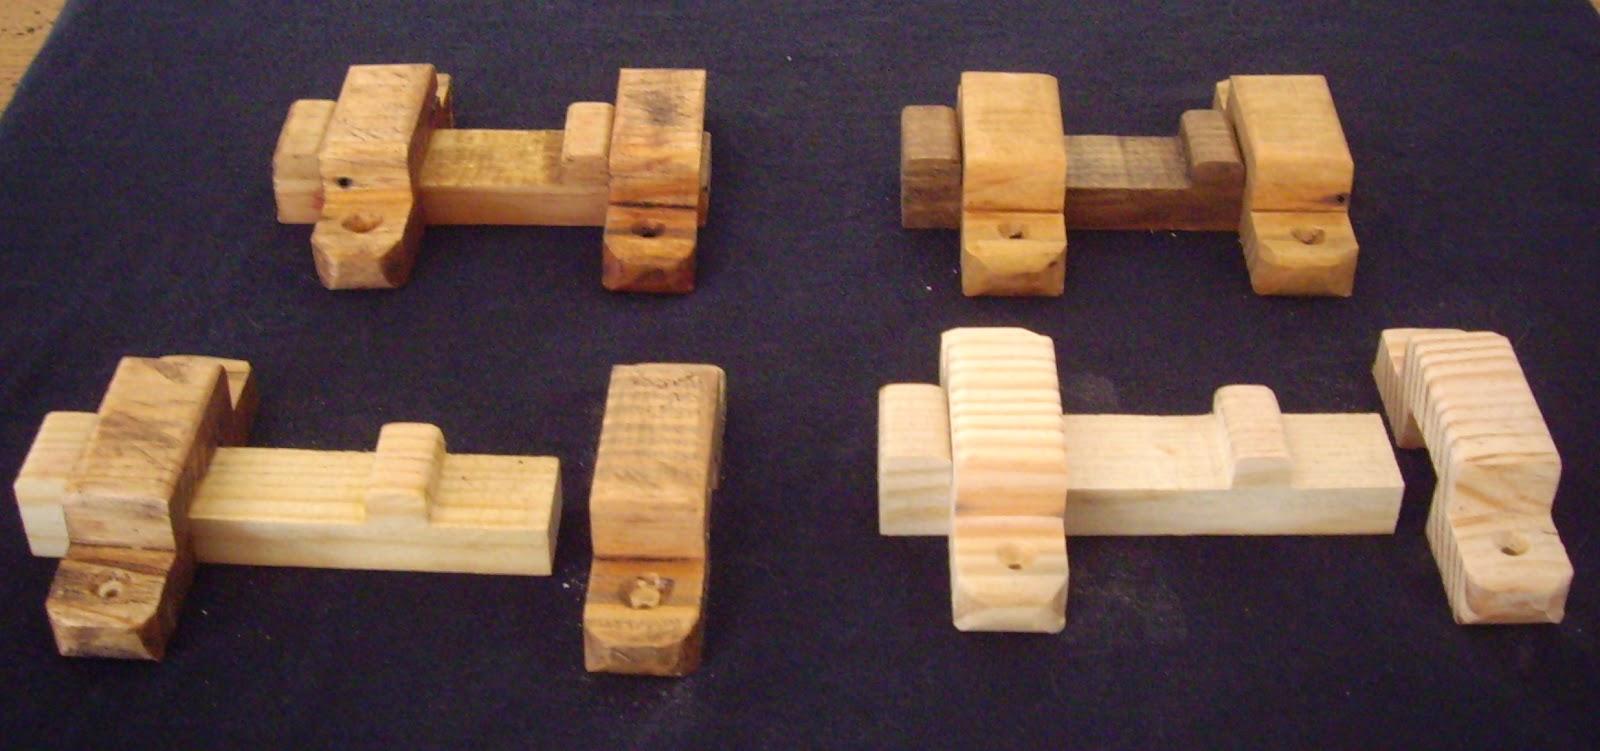 Objets d co tutoriels et meubles en bois de palettes - Fabriquer des objets en bois ...